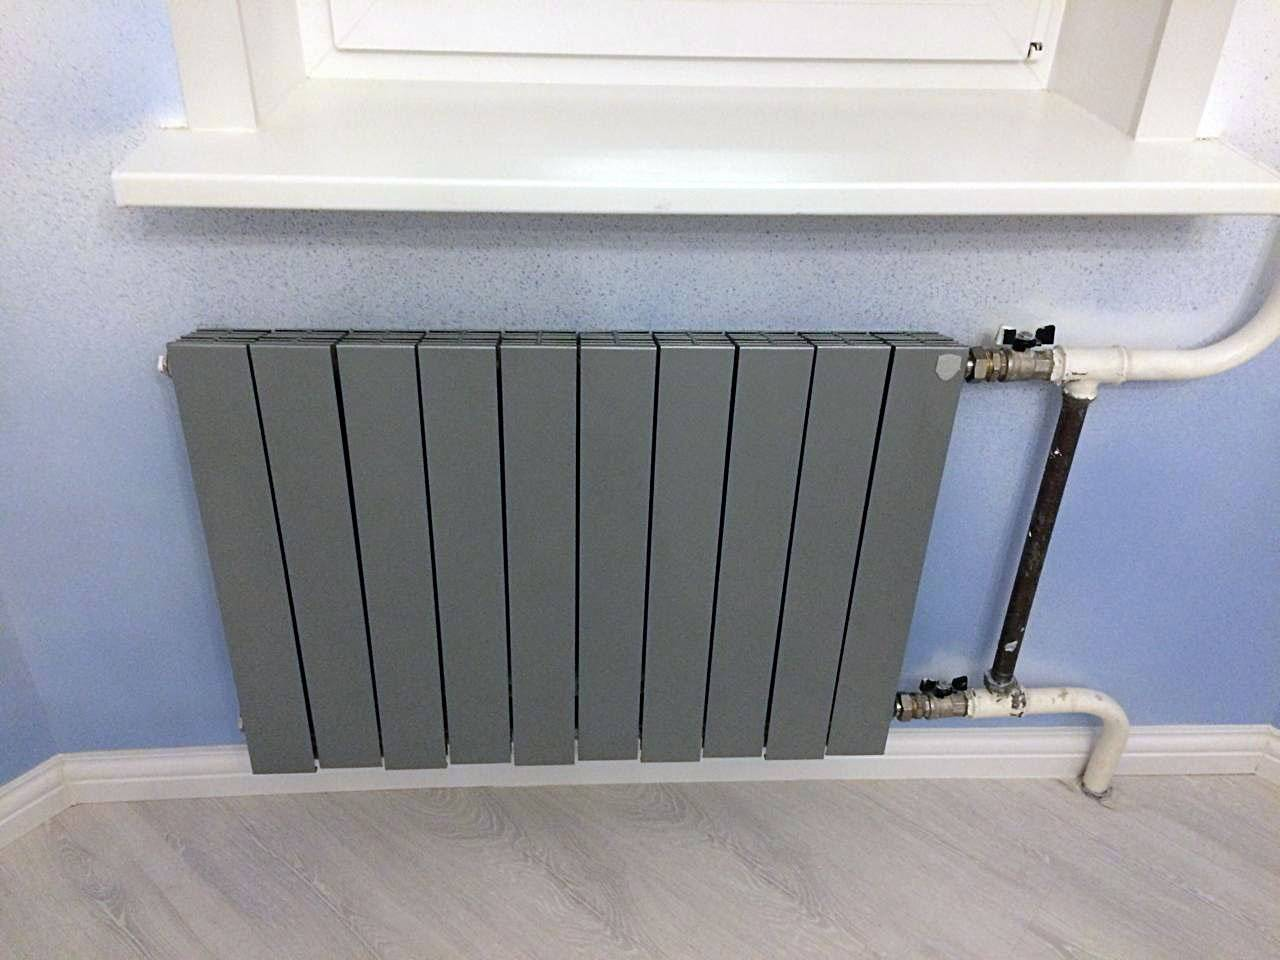 Как узаконить вынос отопления из квартиры на балкон, юридическое оформление радиатора на балконе